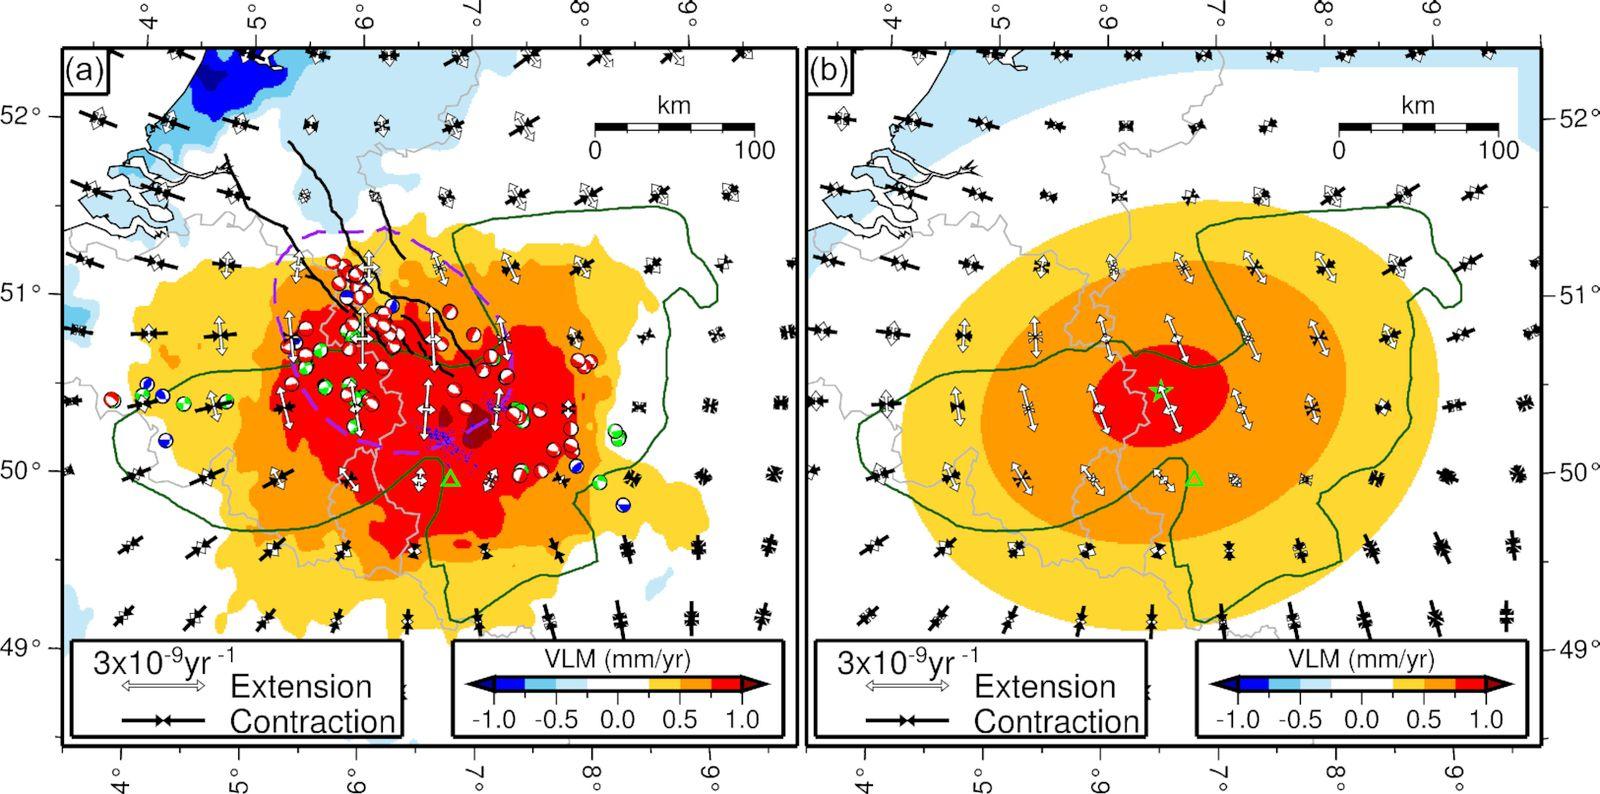 Soulèvement et étirement du sous-sol dans la zone de l'Eifel déterminé par les données GPS. - à noter que la zone étudiée englobe la partie Est de la Belgique, le Grand Duché du Luxembourg et l'Eifel en Allemagne -a) Les couleurs sont imagées VLM corrigées pour le GIA, les vecteurs sont les principaux axes du tenseur de taux de déformation horizontale (moyenné sur des zones égales qui ne se chevauchent pas), la ligne pointillée violette décrit la zone de taux de dilatation significatif (au niveau 2σ). Mécanismes focaux des études régionales (Hinzen 2003; Camelbeeck et al.2007), codés par couleur pour la déformation implicite d'extension (rouge), de contraction (bleu) ou de strike-slip deformation (vert). Les points bleus sont des centres d'activité de l'EVF quaternaire.